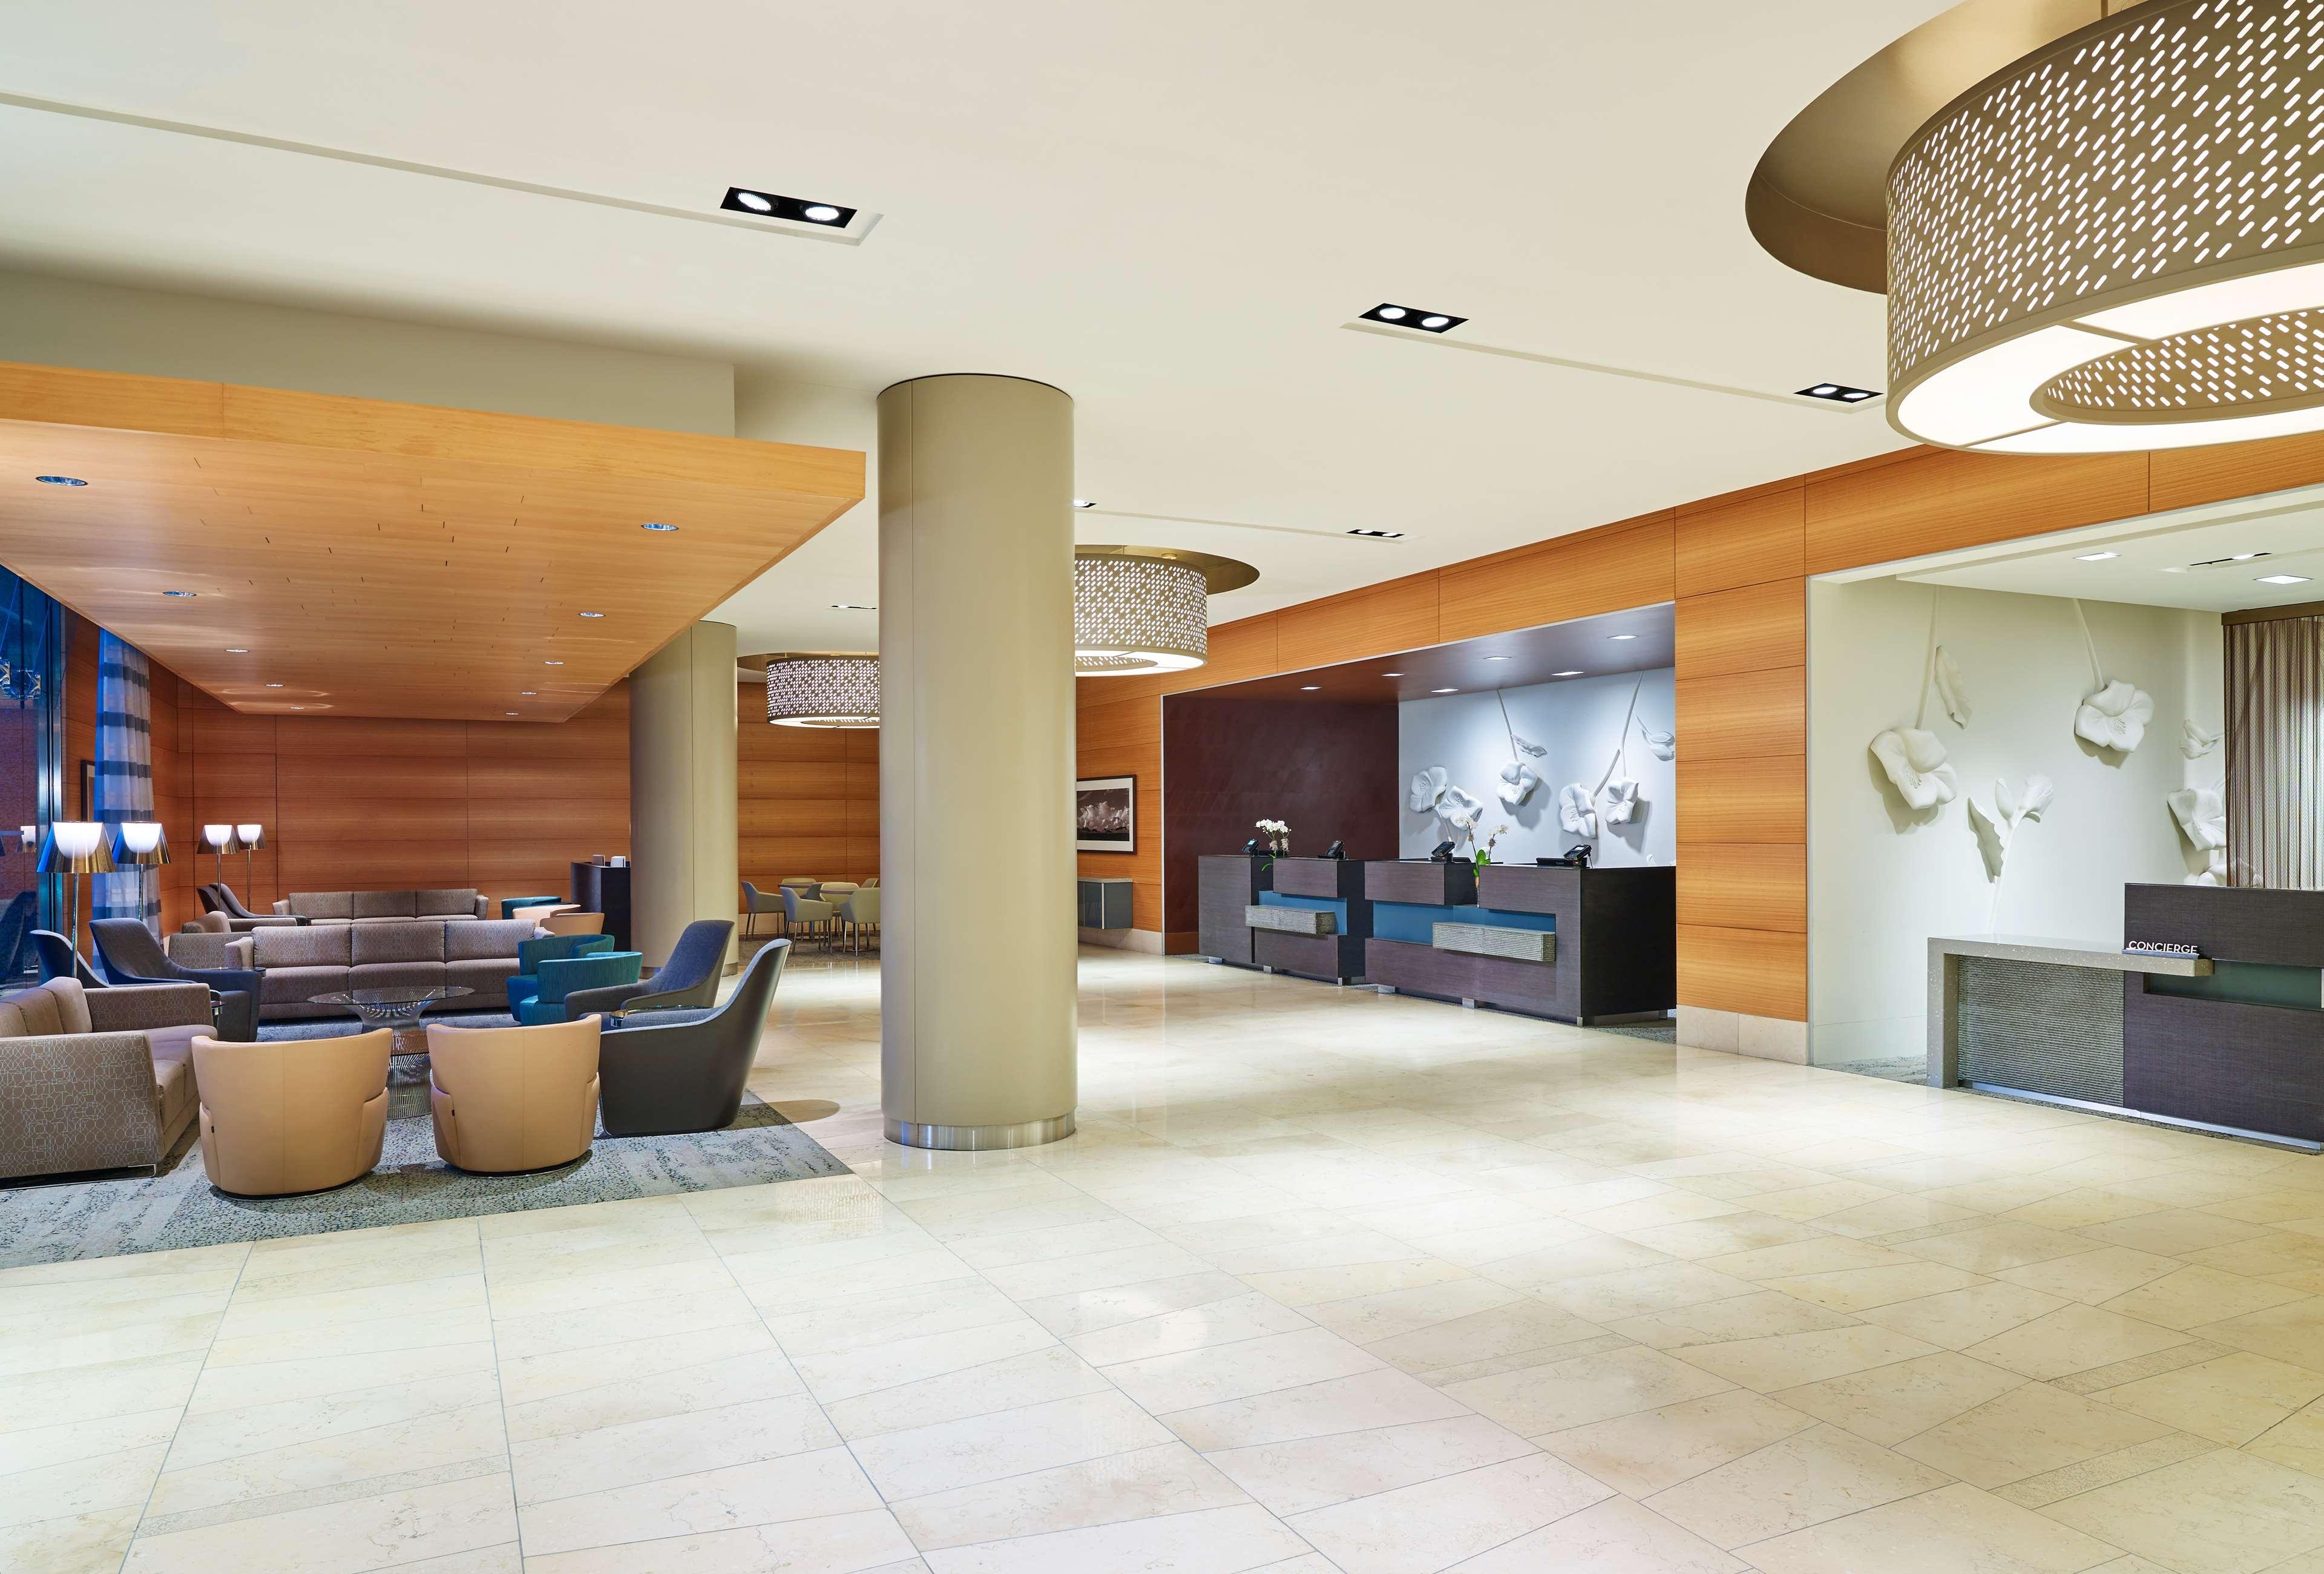 The Westin Galleria Dallas image 2